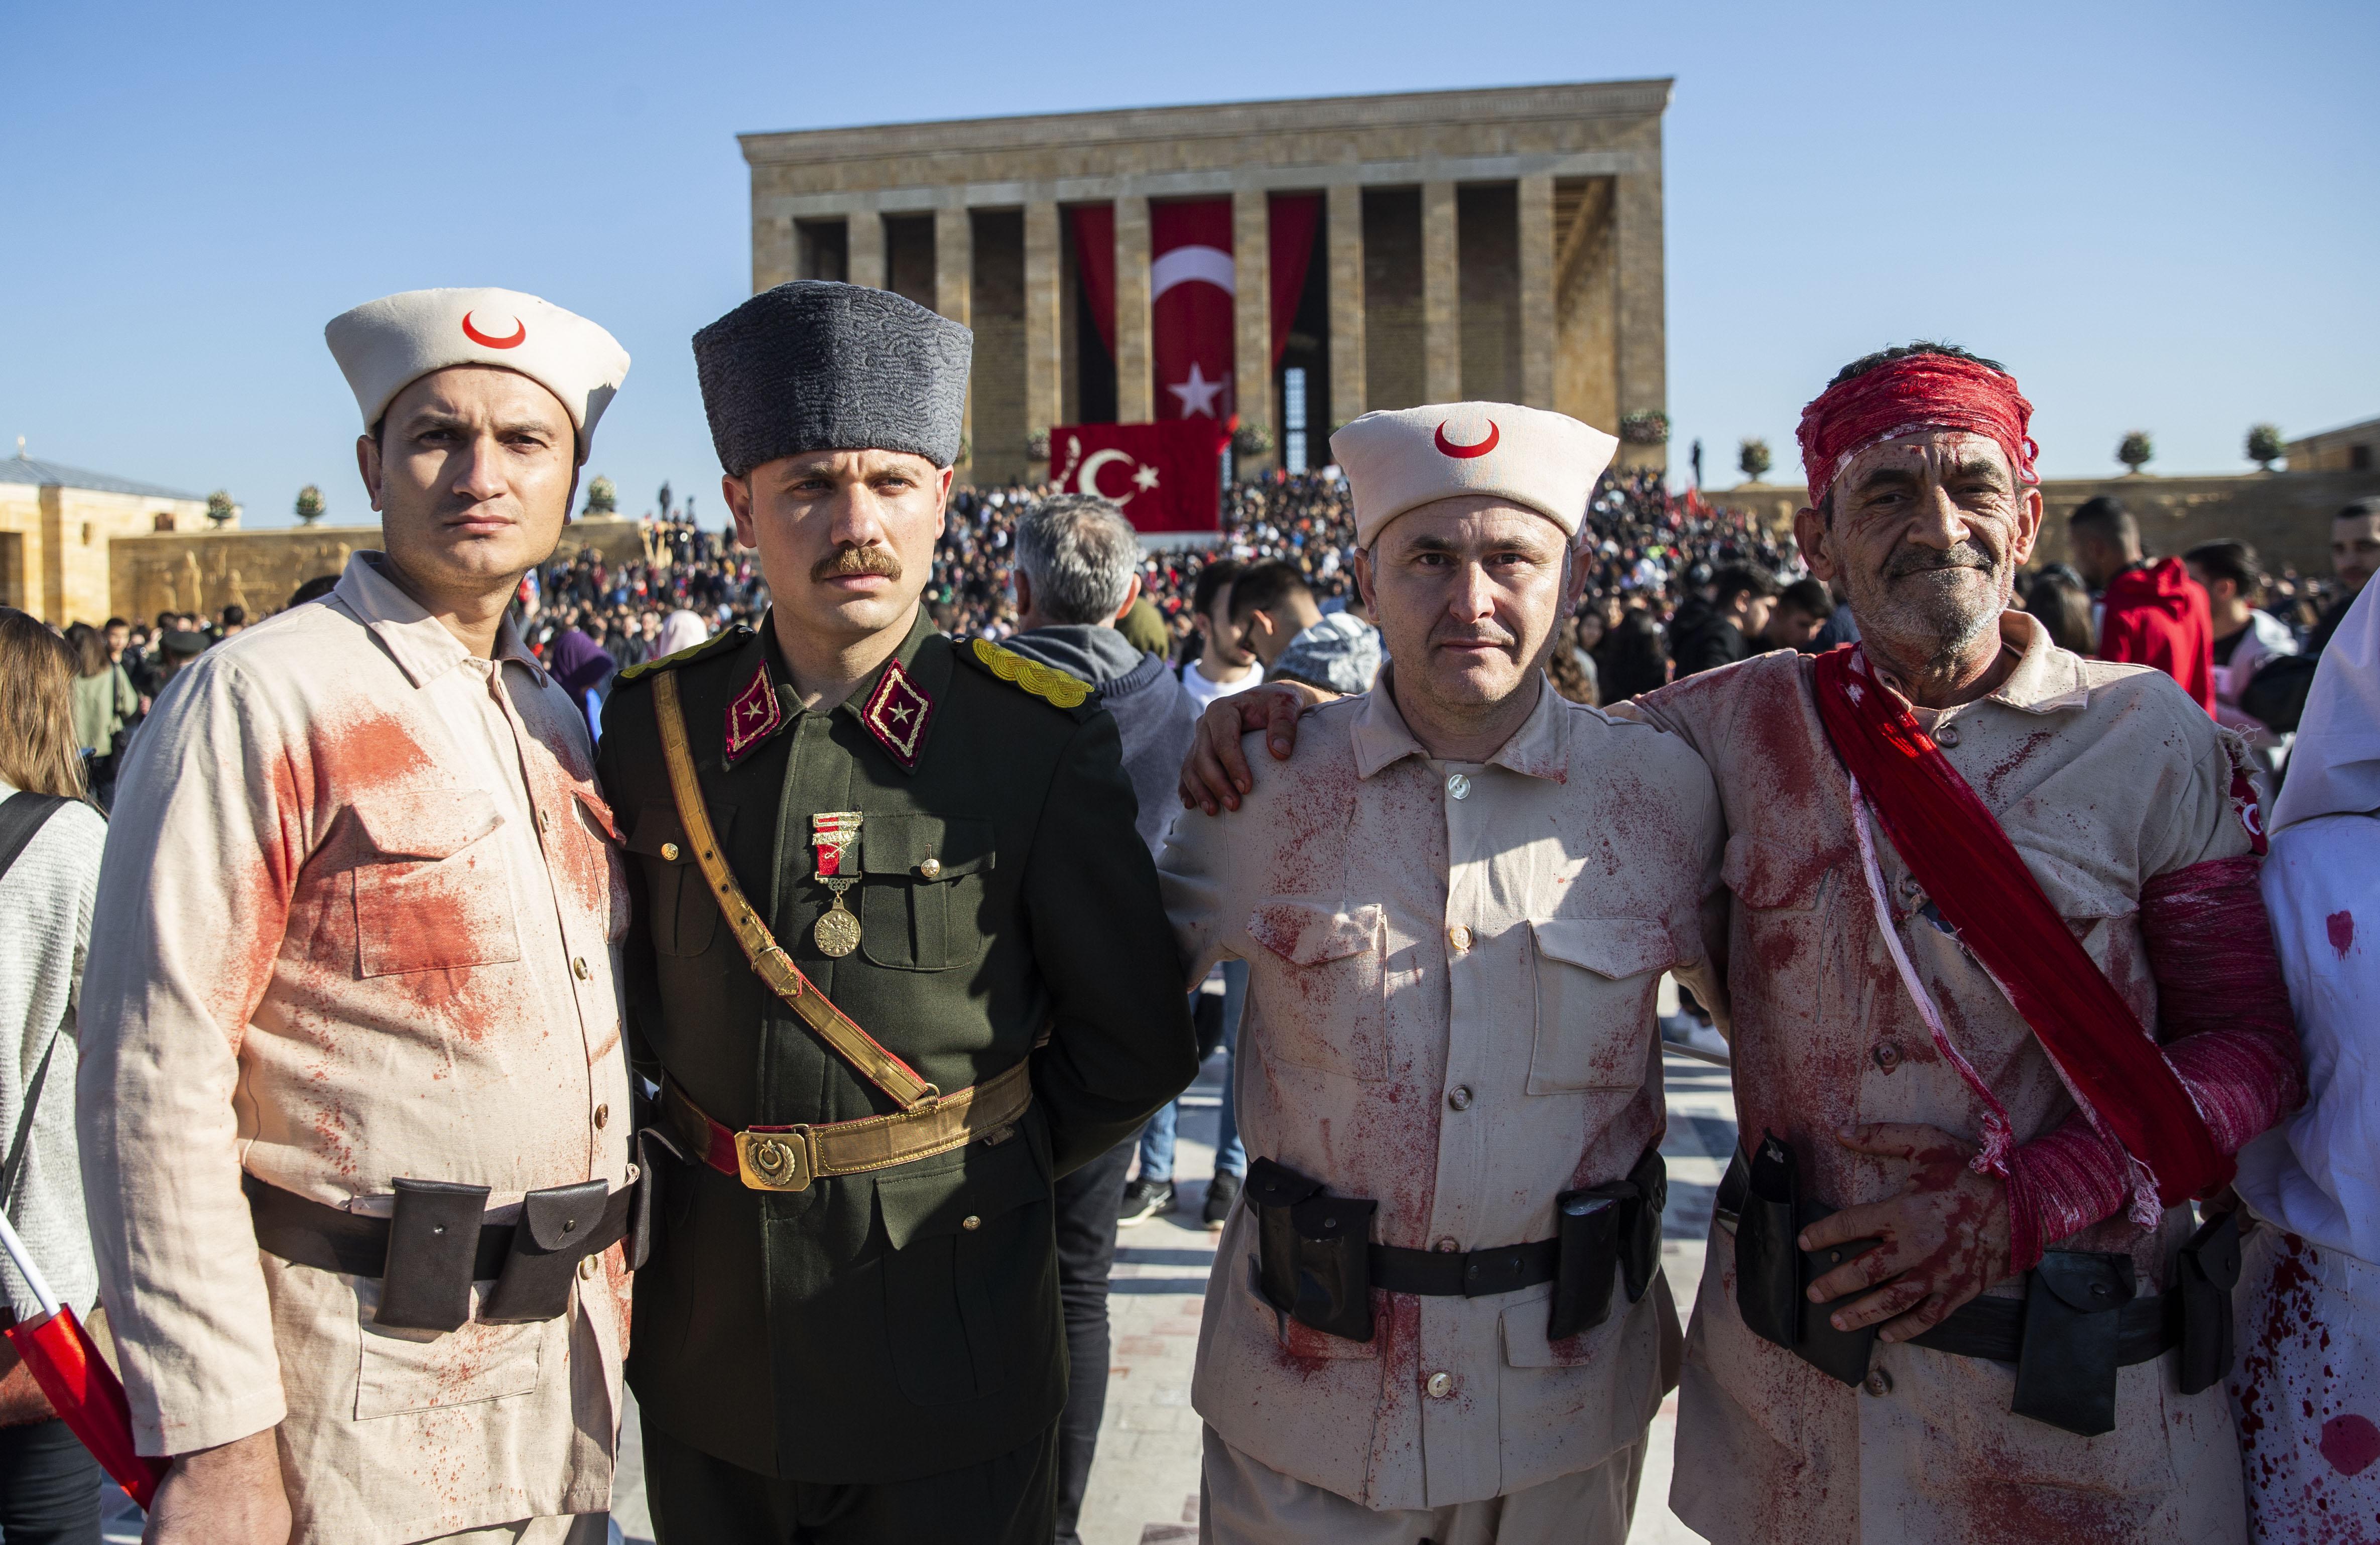 Ellerindeki Türk bayraklarıyla Atatürk'ün mozolesine gelen vatandaşlar, buraya karanfil bırakarak dua etti. Anıtkabir'i ziyaret eden 7'den 70'e binlerce kişi, Türk bayrakları ve Atatürk posterleri ile fotoğraf çektirdi.